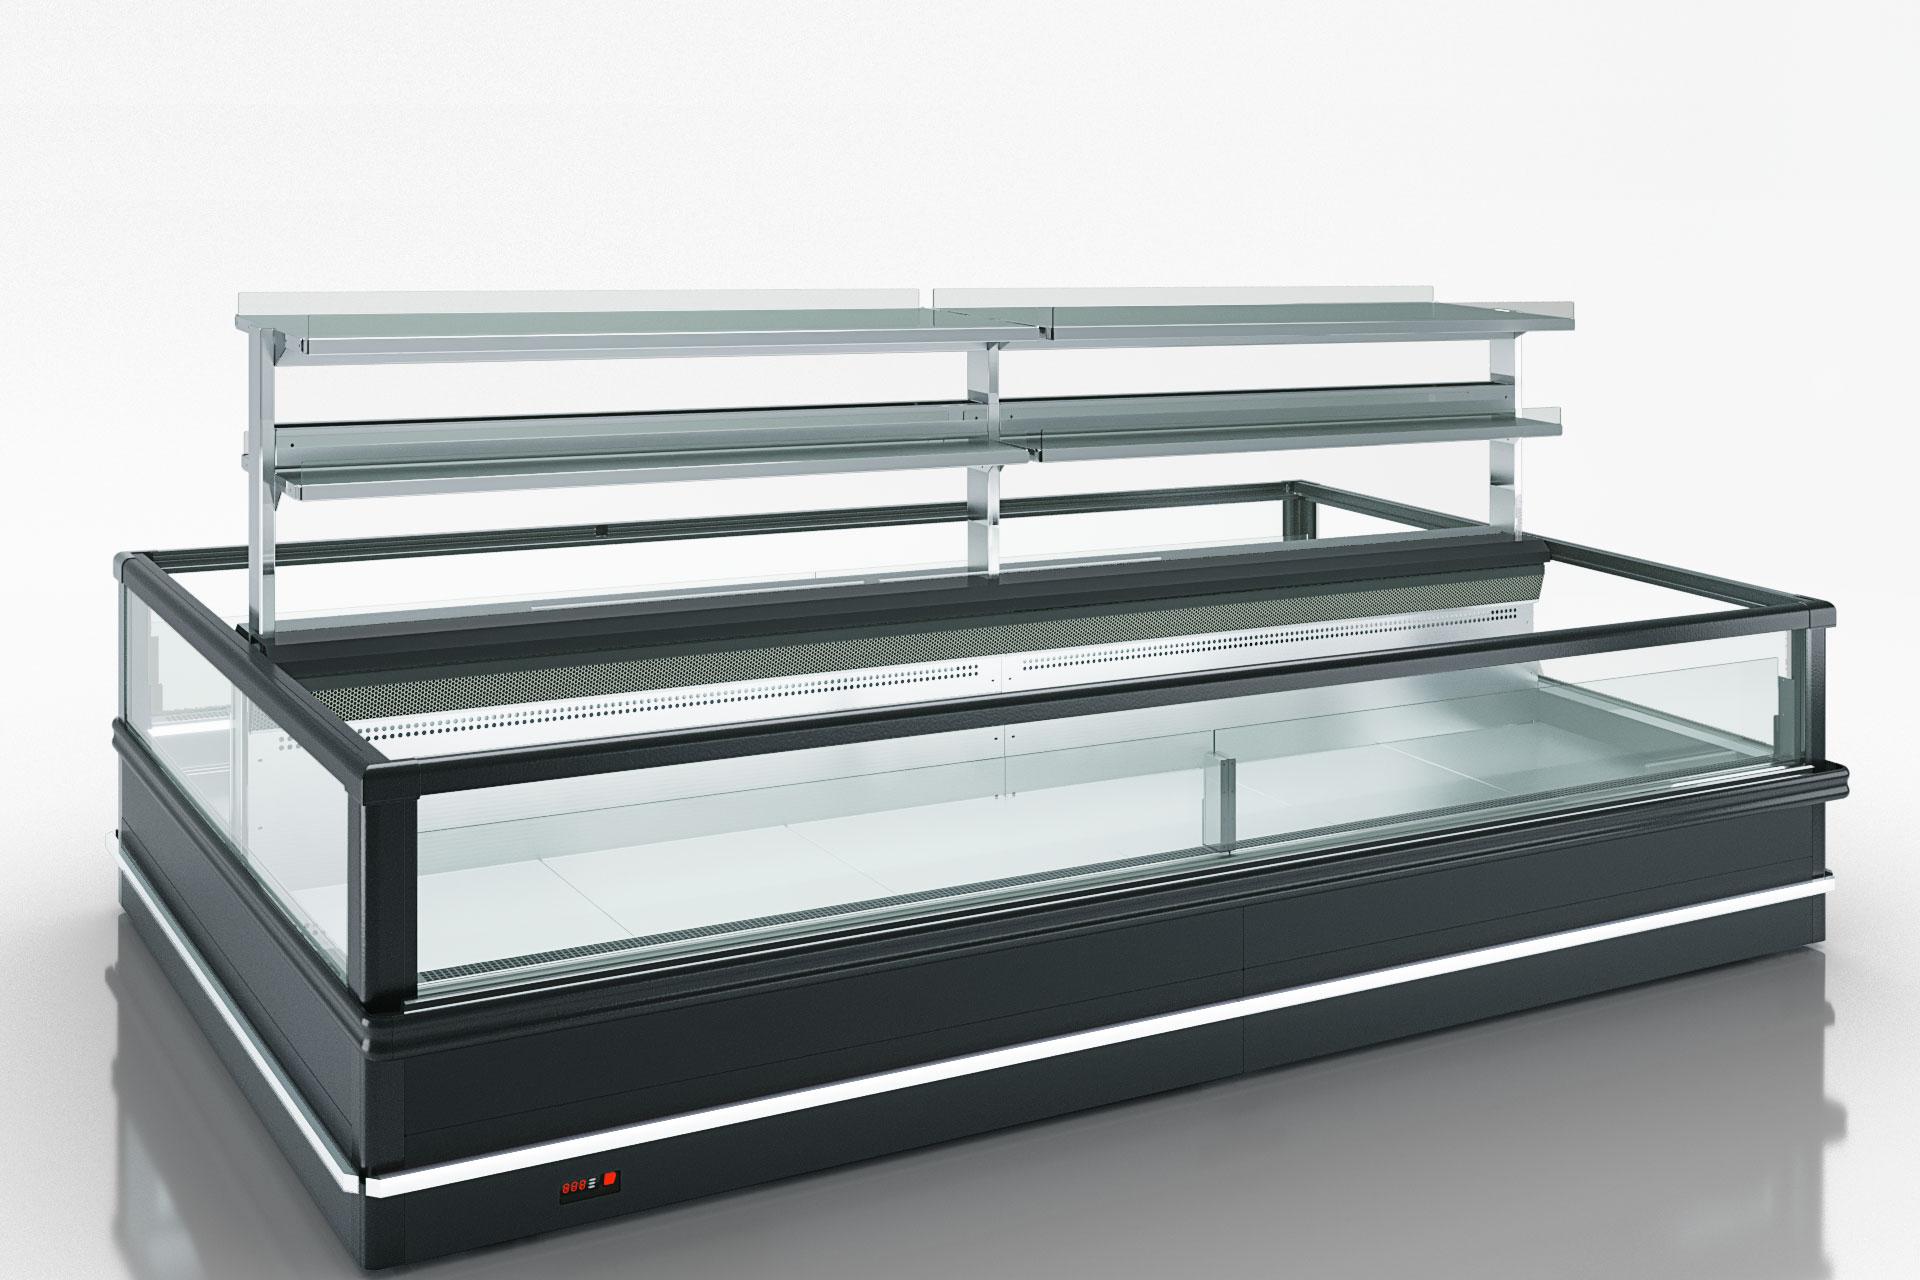 Витрина для замороженных продуктов 2 Yukon MH 200 LT О 088-DLM с суперструктурой